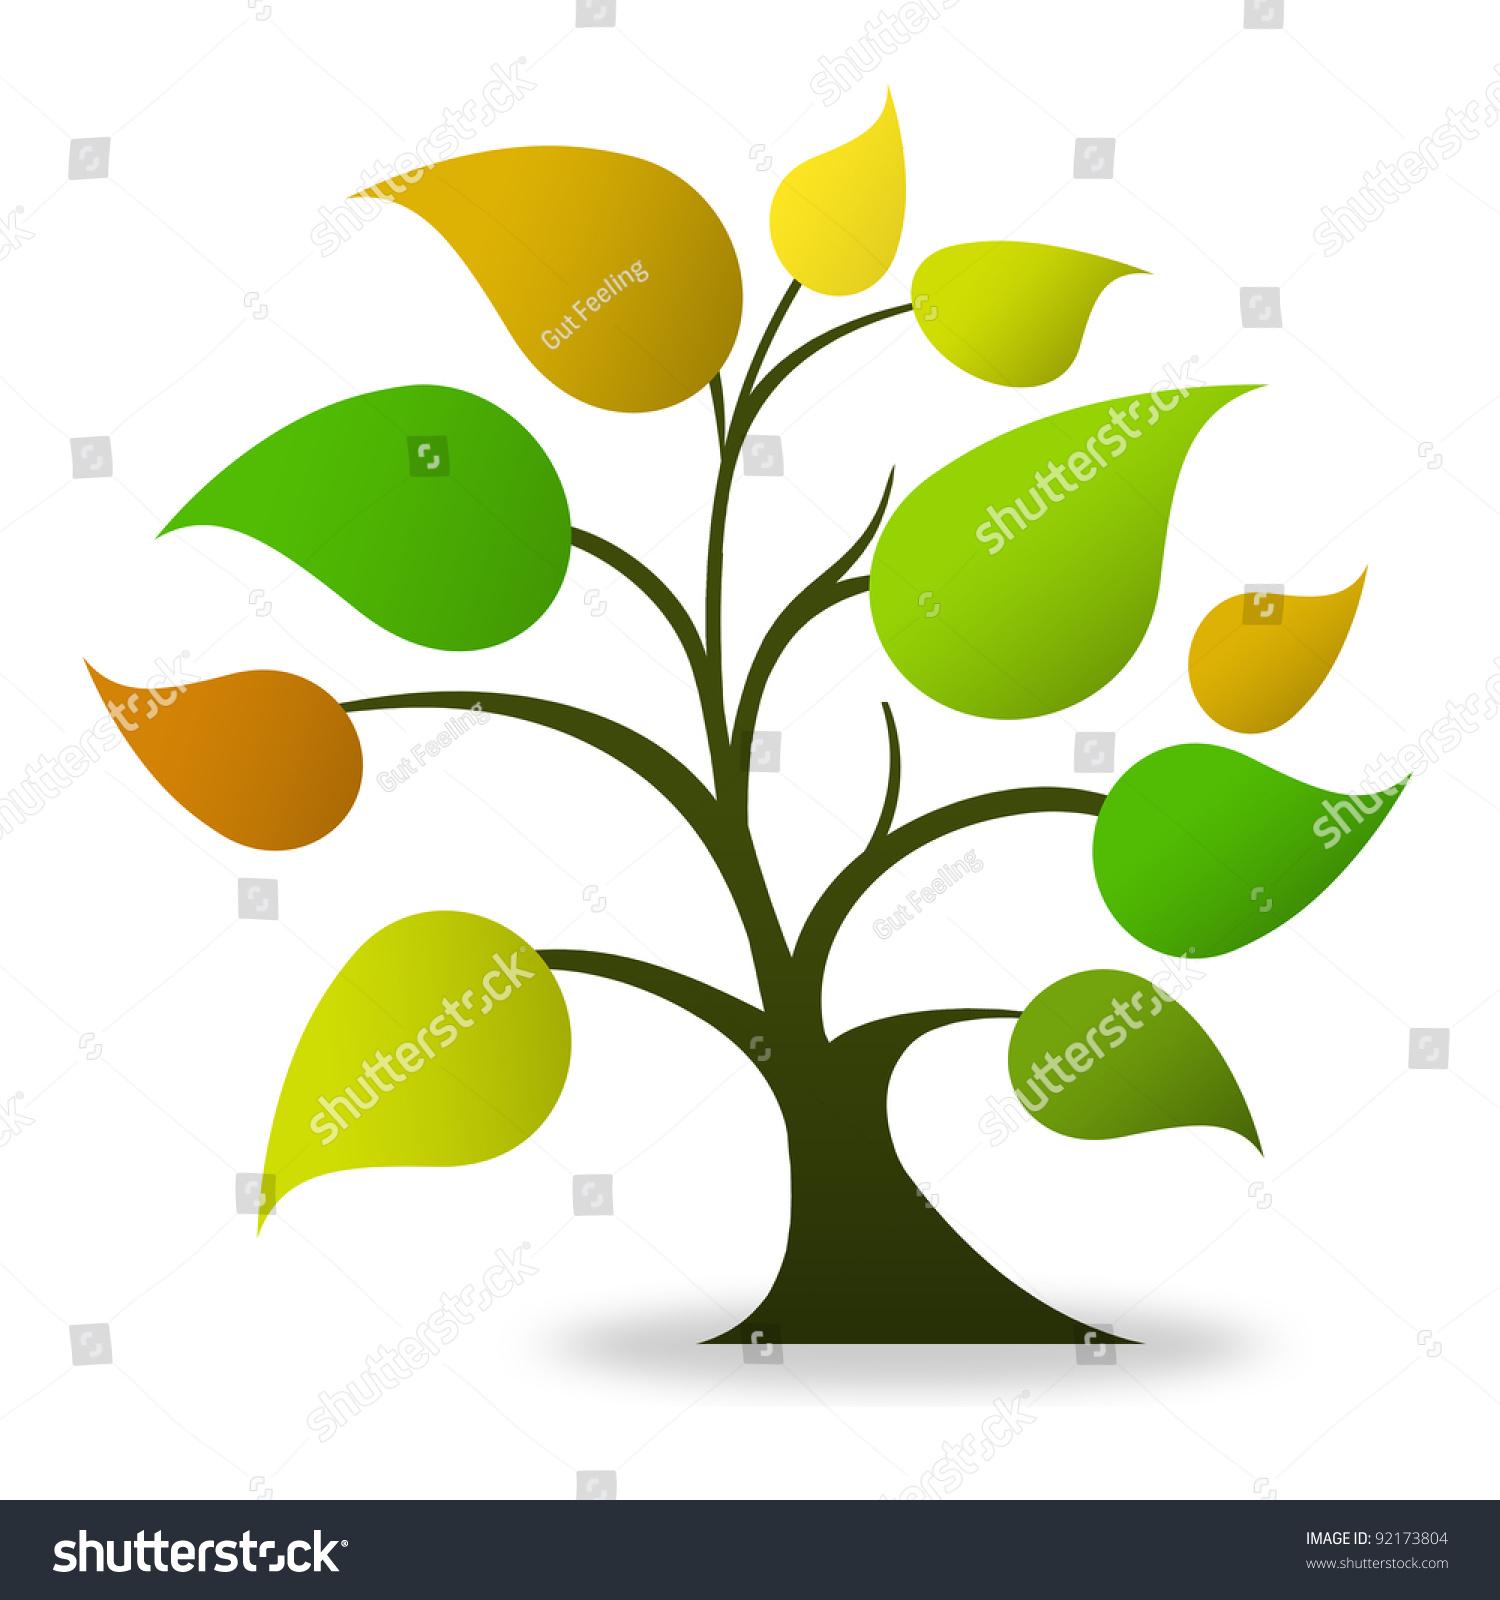 背景 壁纸 绿色 绿叶 设计 矢量 矢量图 树叶 素材 植物 桌面 1500_16